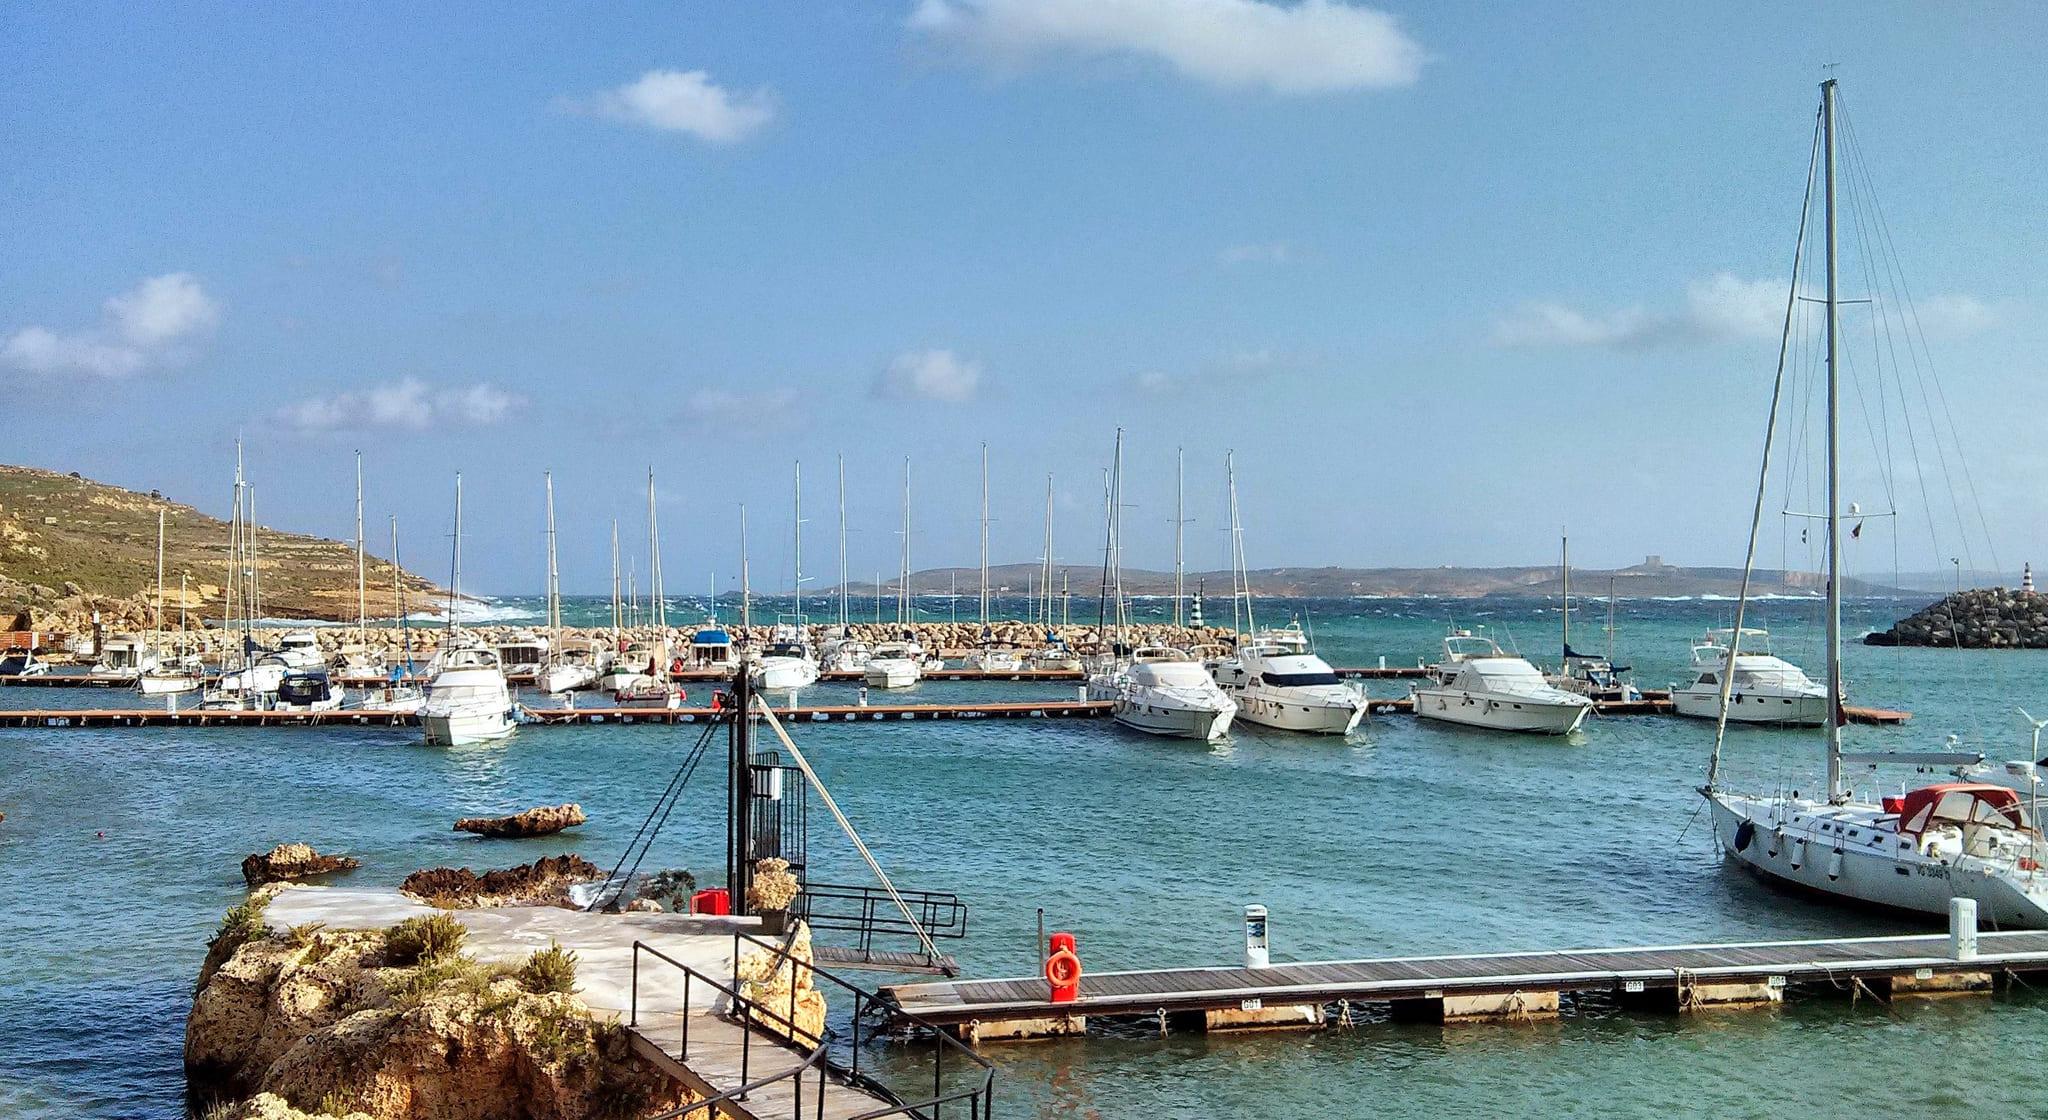 Capodanno a Malta, come arrivare